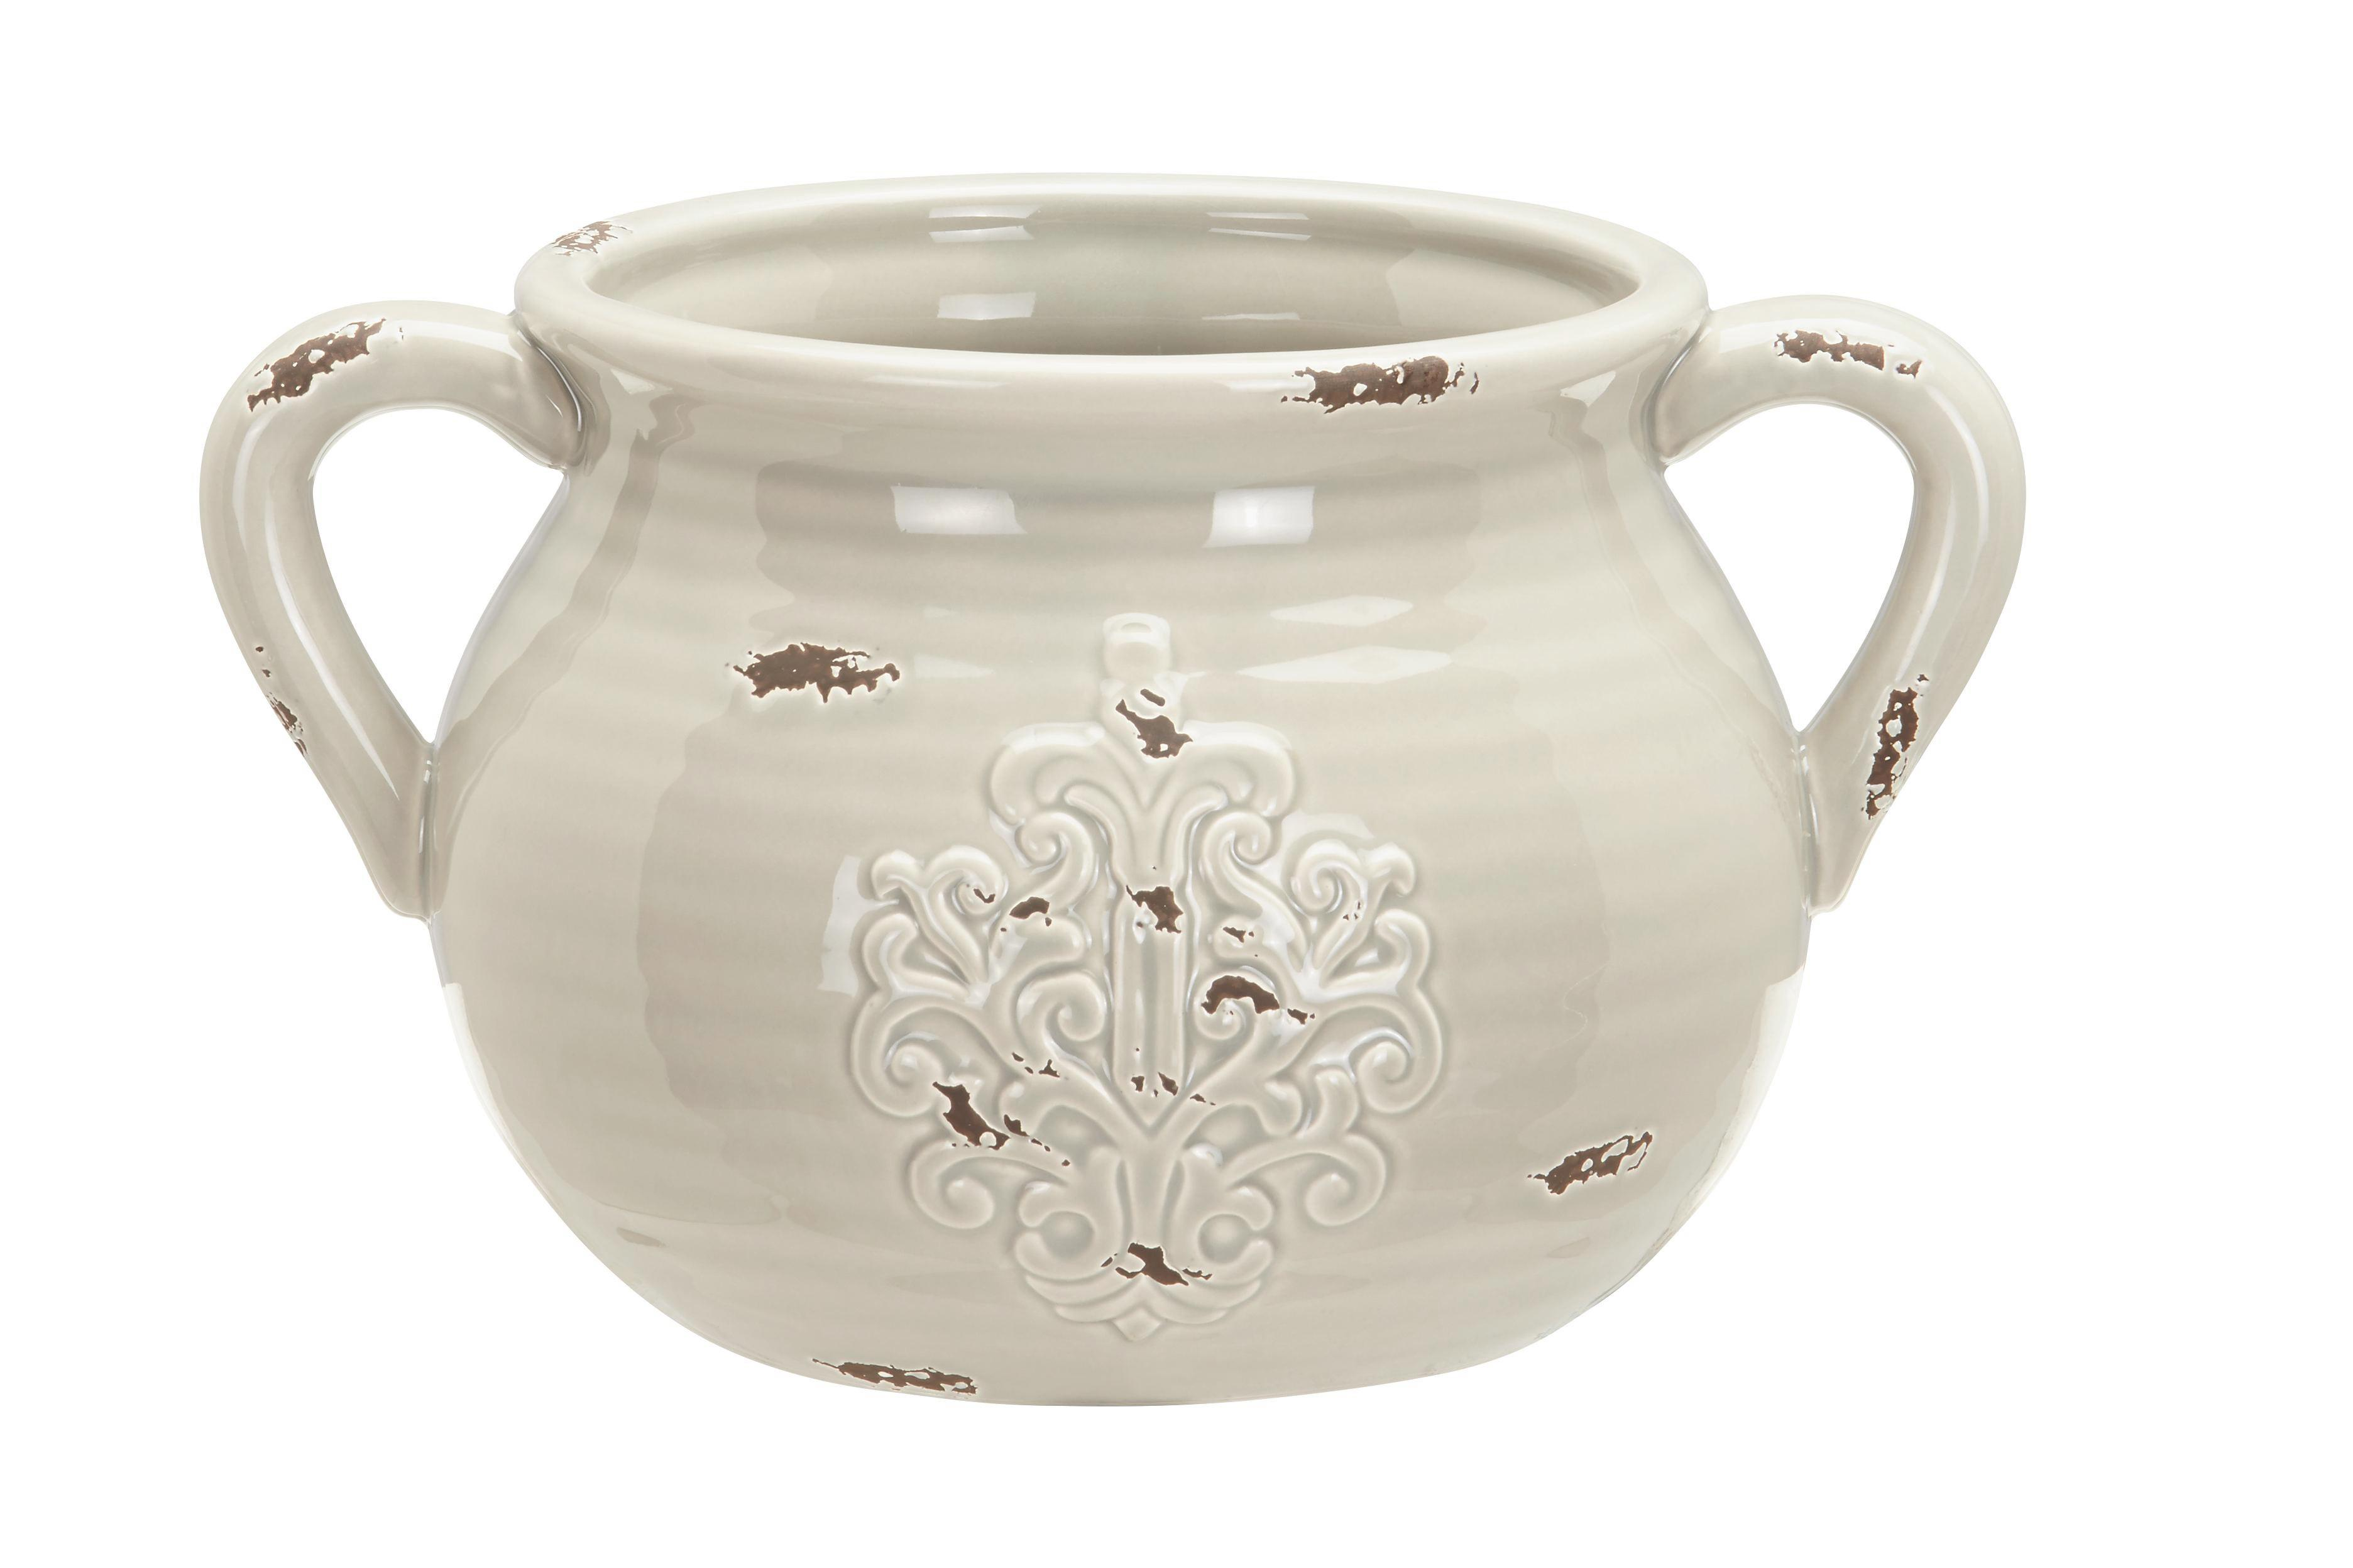 Dekokrug Euphoria - Grau, ROMANTIK / LANDHAUS, Keramik (27,5/21/16cm) - MÖMAX modern living